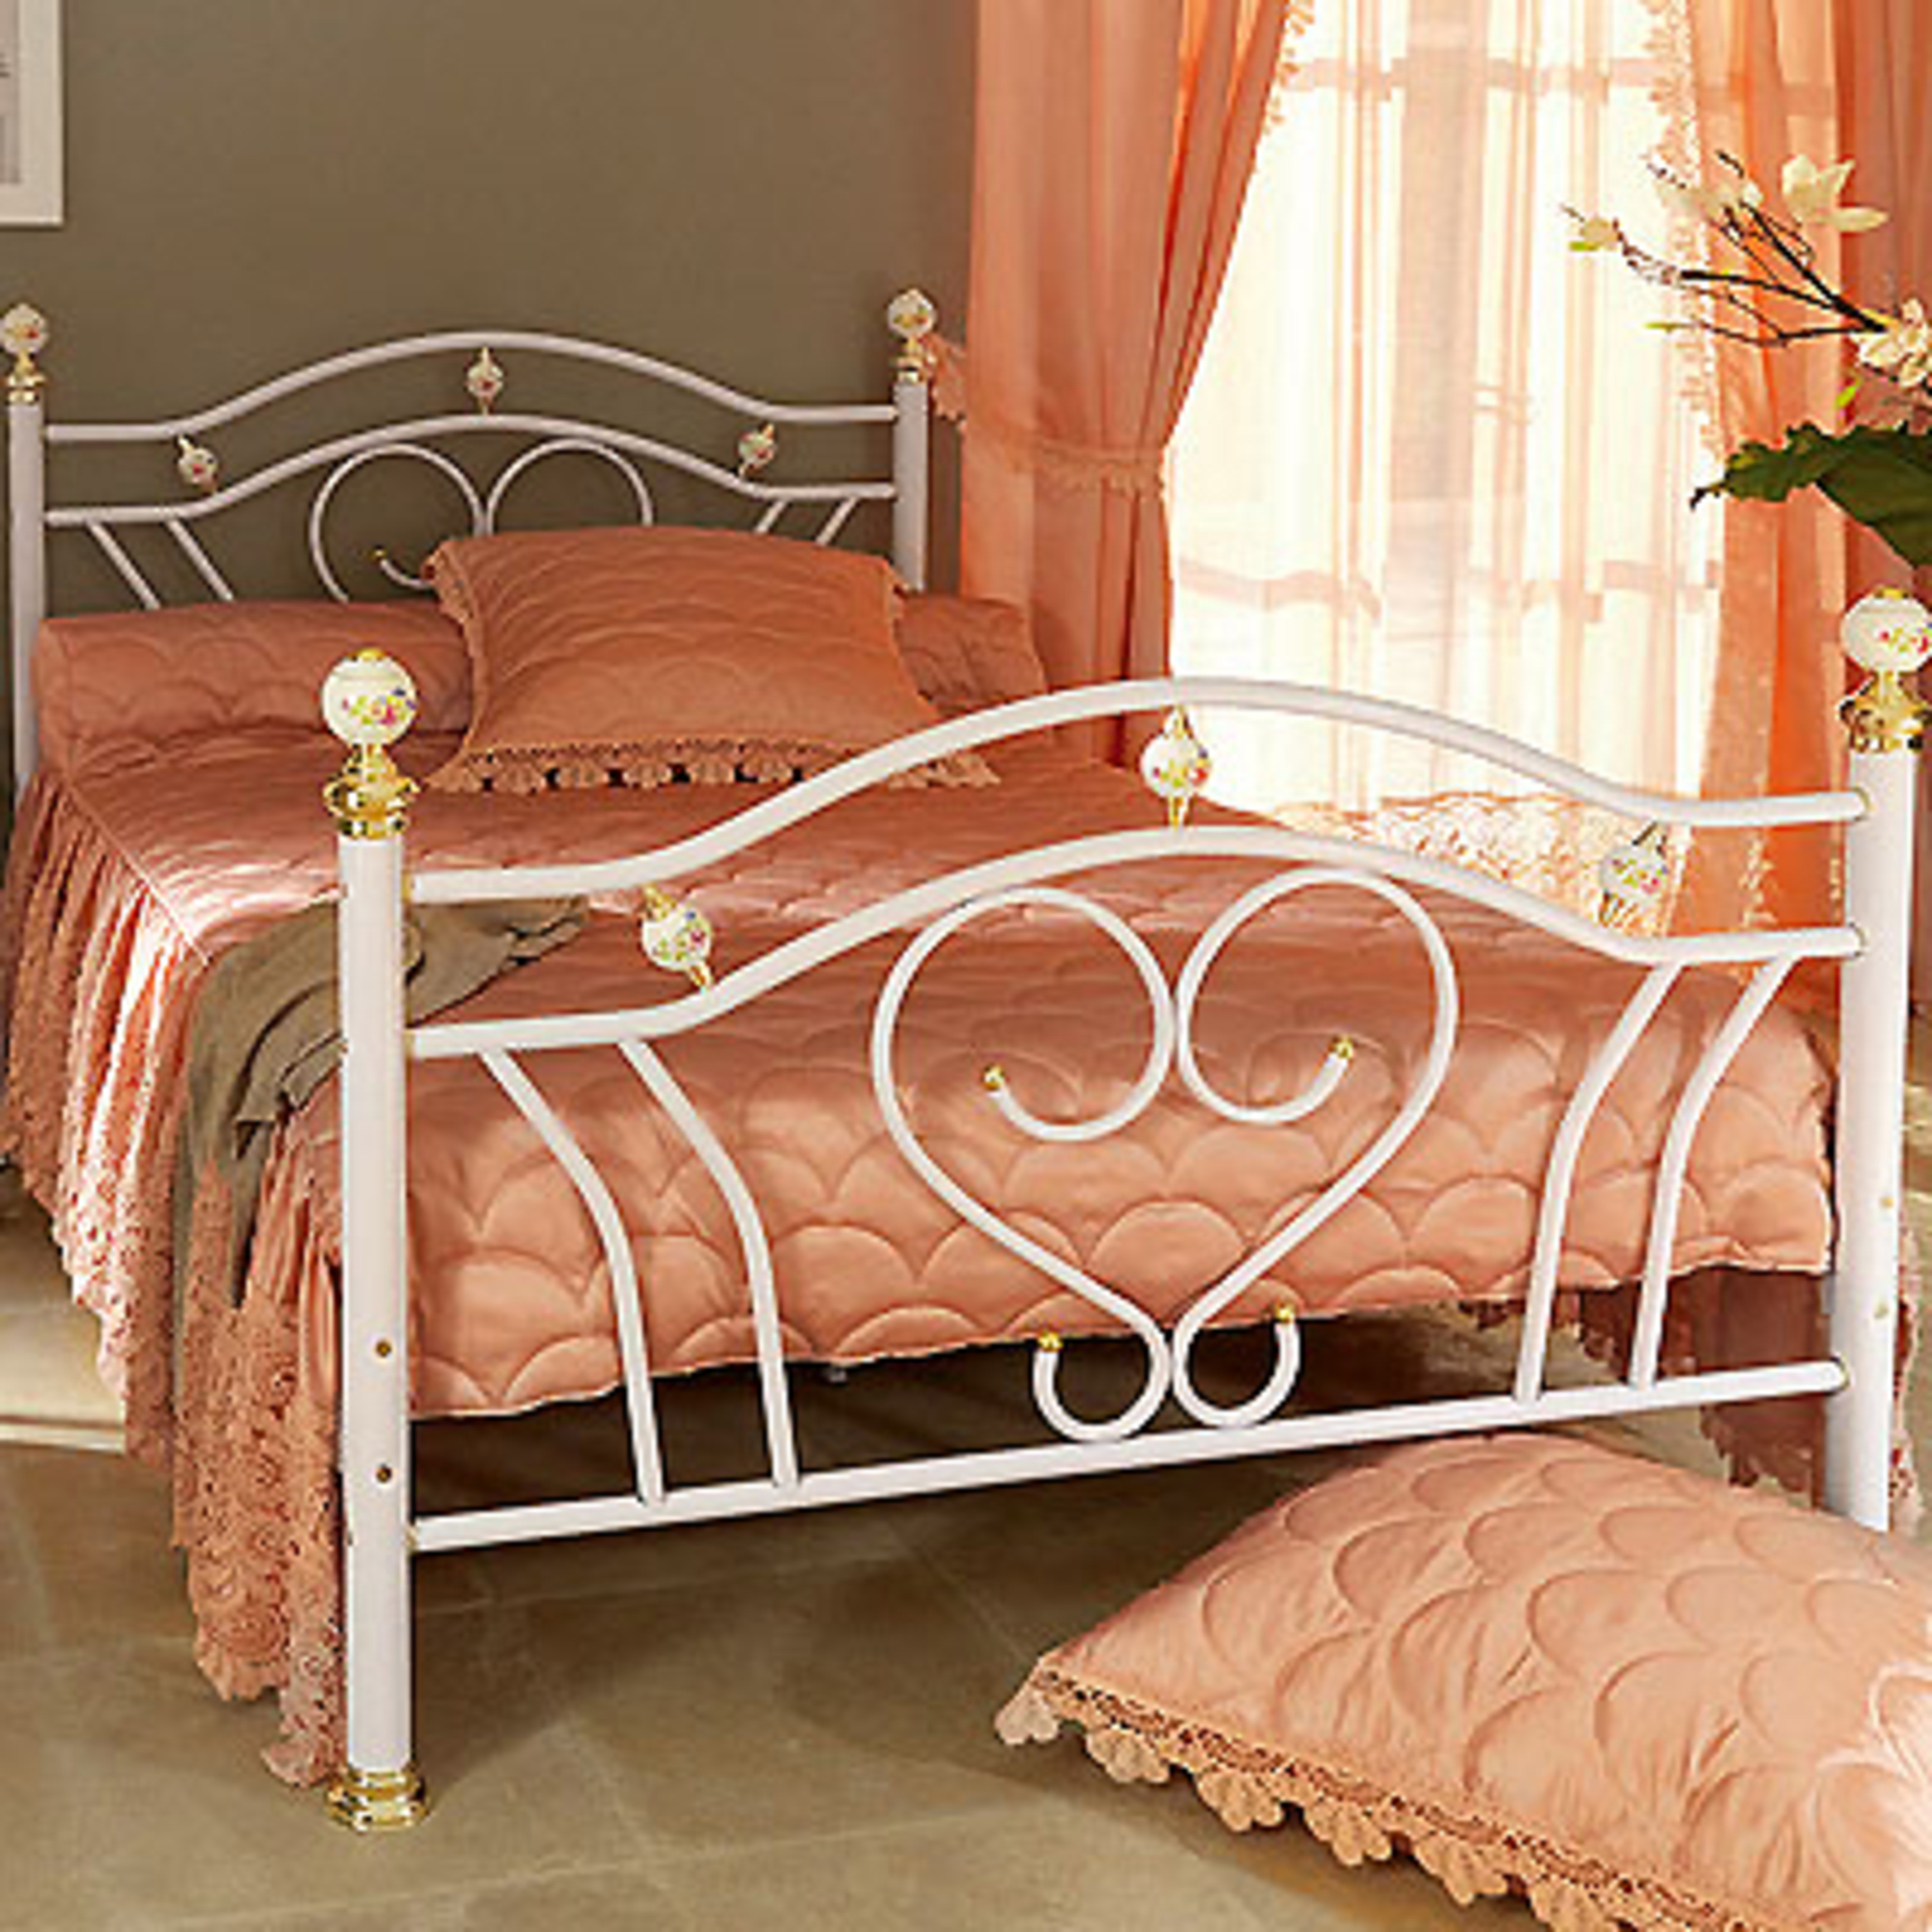 couvre lit 3 volants satin Couvre lit 2 pers 2 volants isabella   rose   frais de traitement  couvre lit 3 volants satin